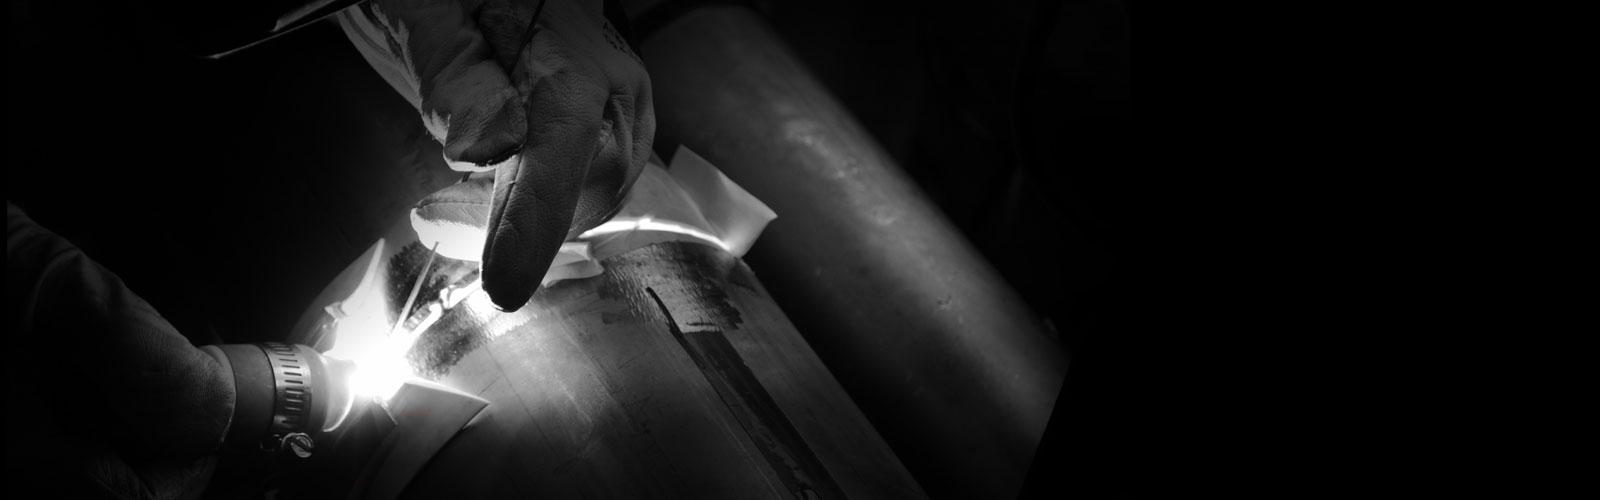 lavorazioni acciaio como